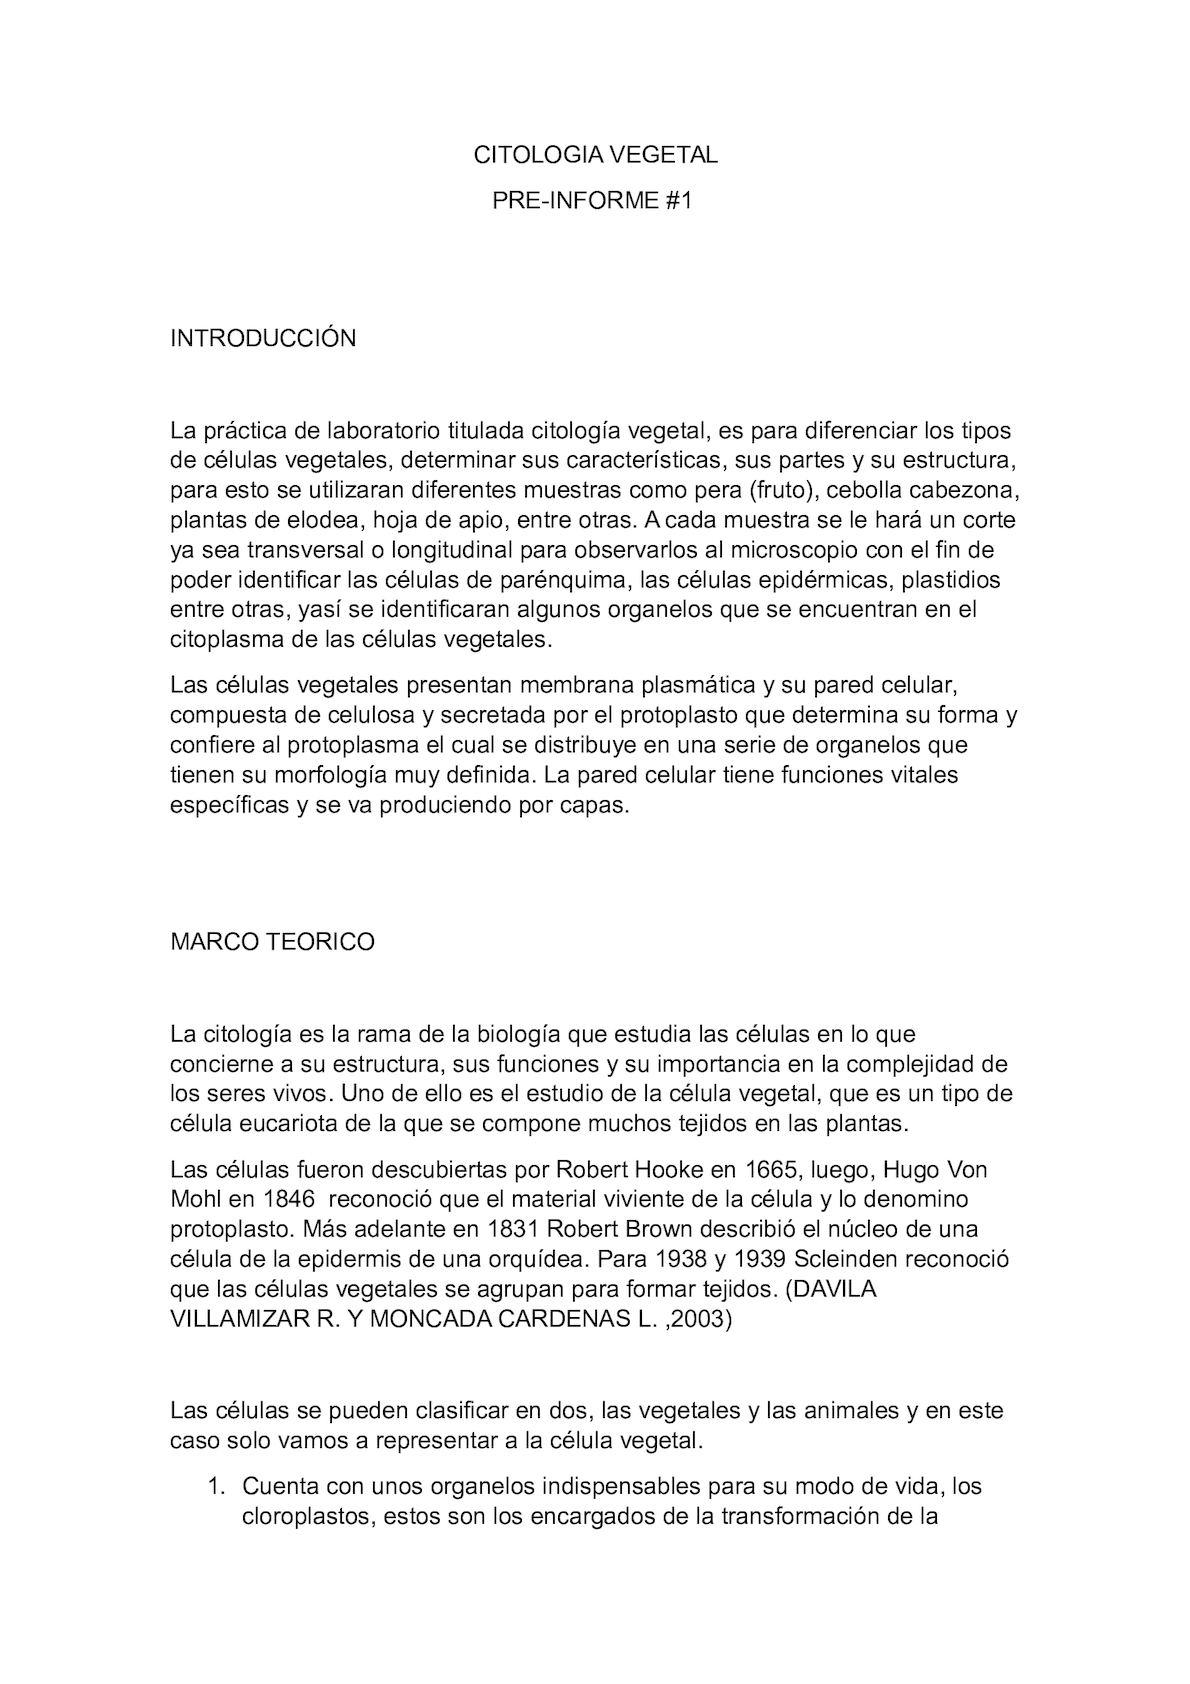 Calaméo - Citologia Vegetal